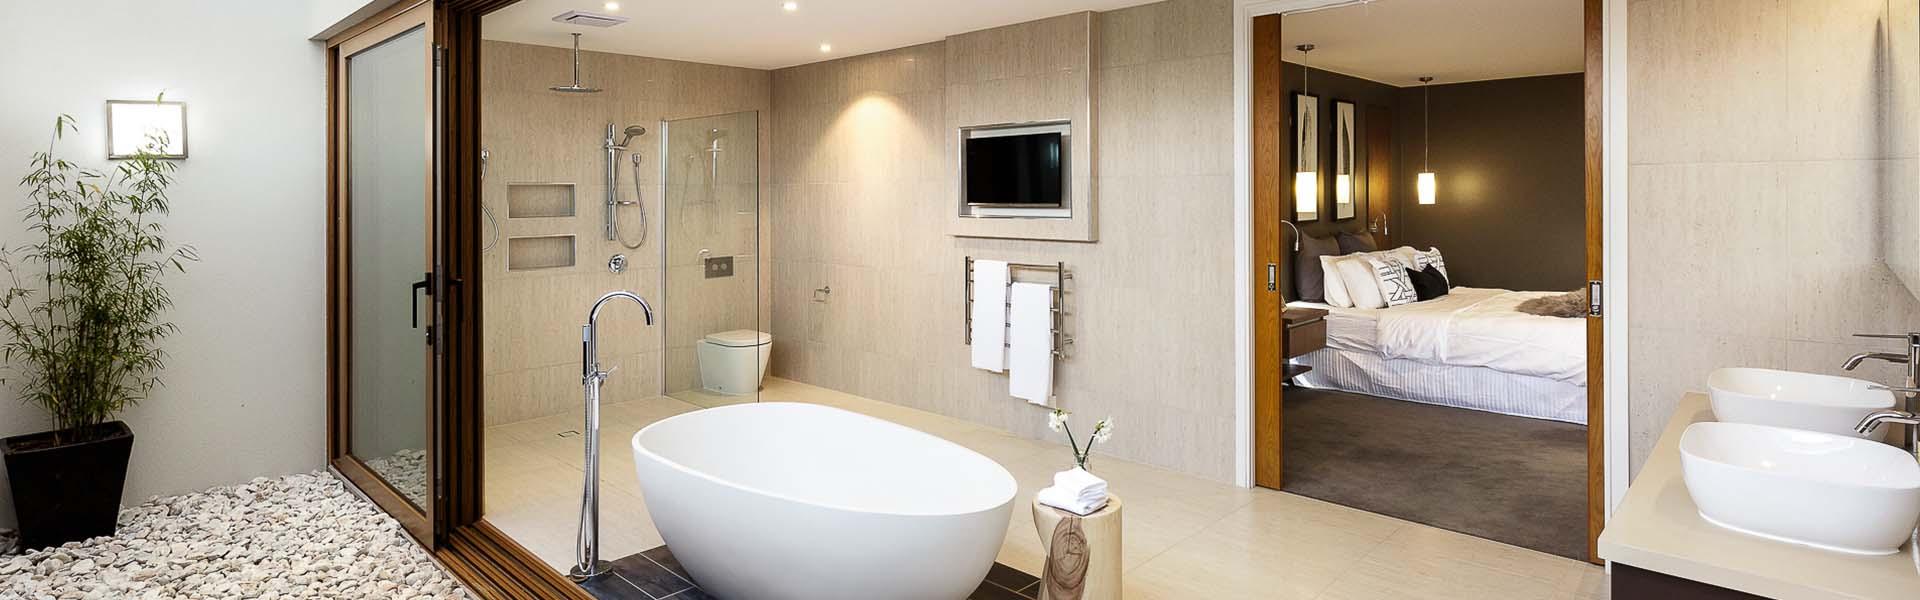 Moderne barrierefreie Badezimmer Renovierung mit freistehender Wanne in Wien